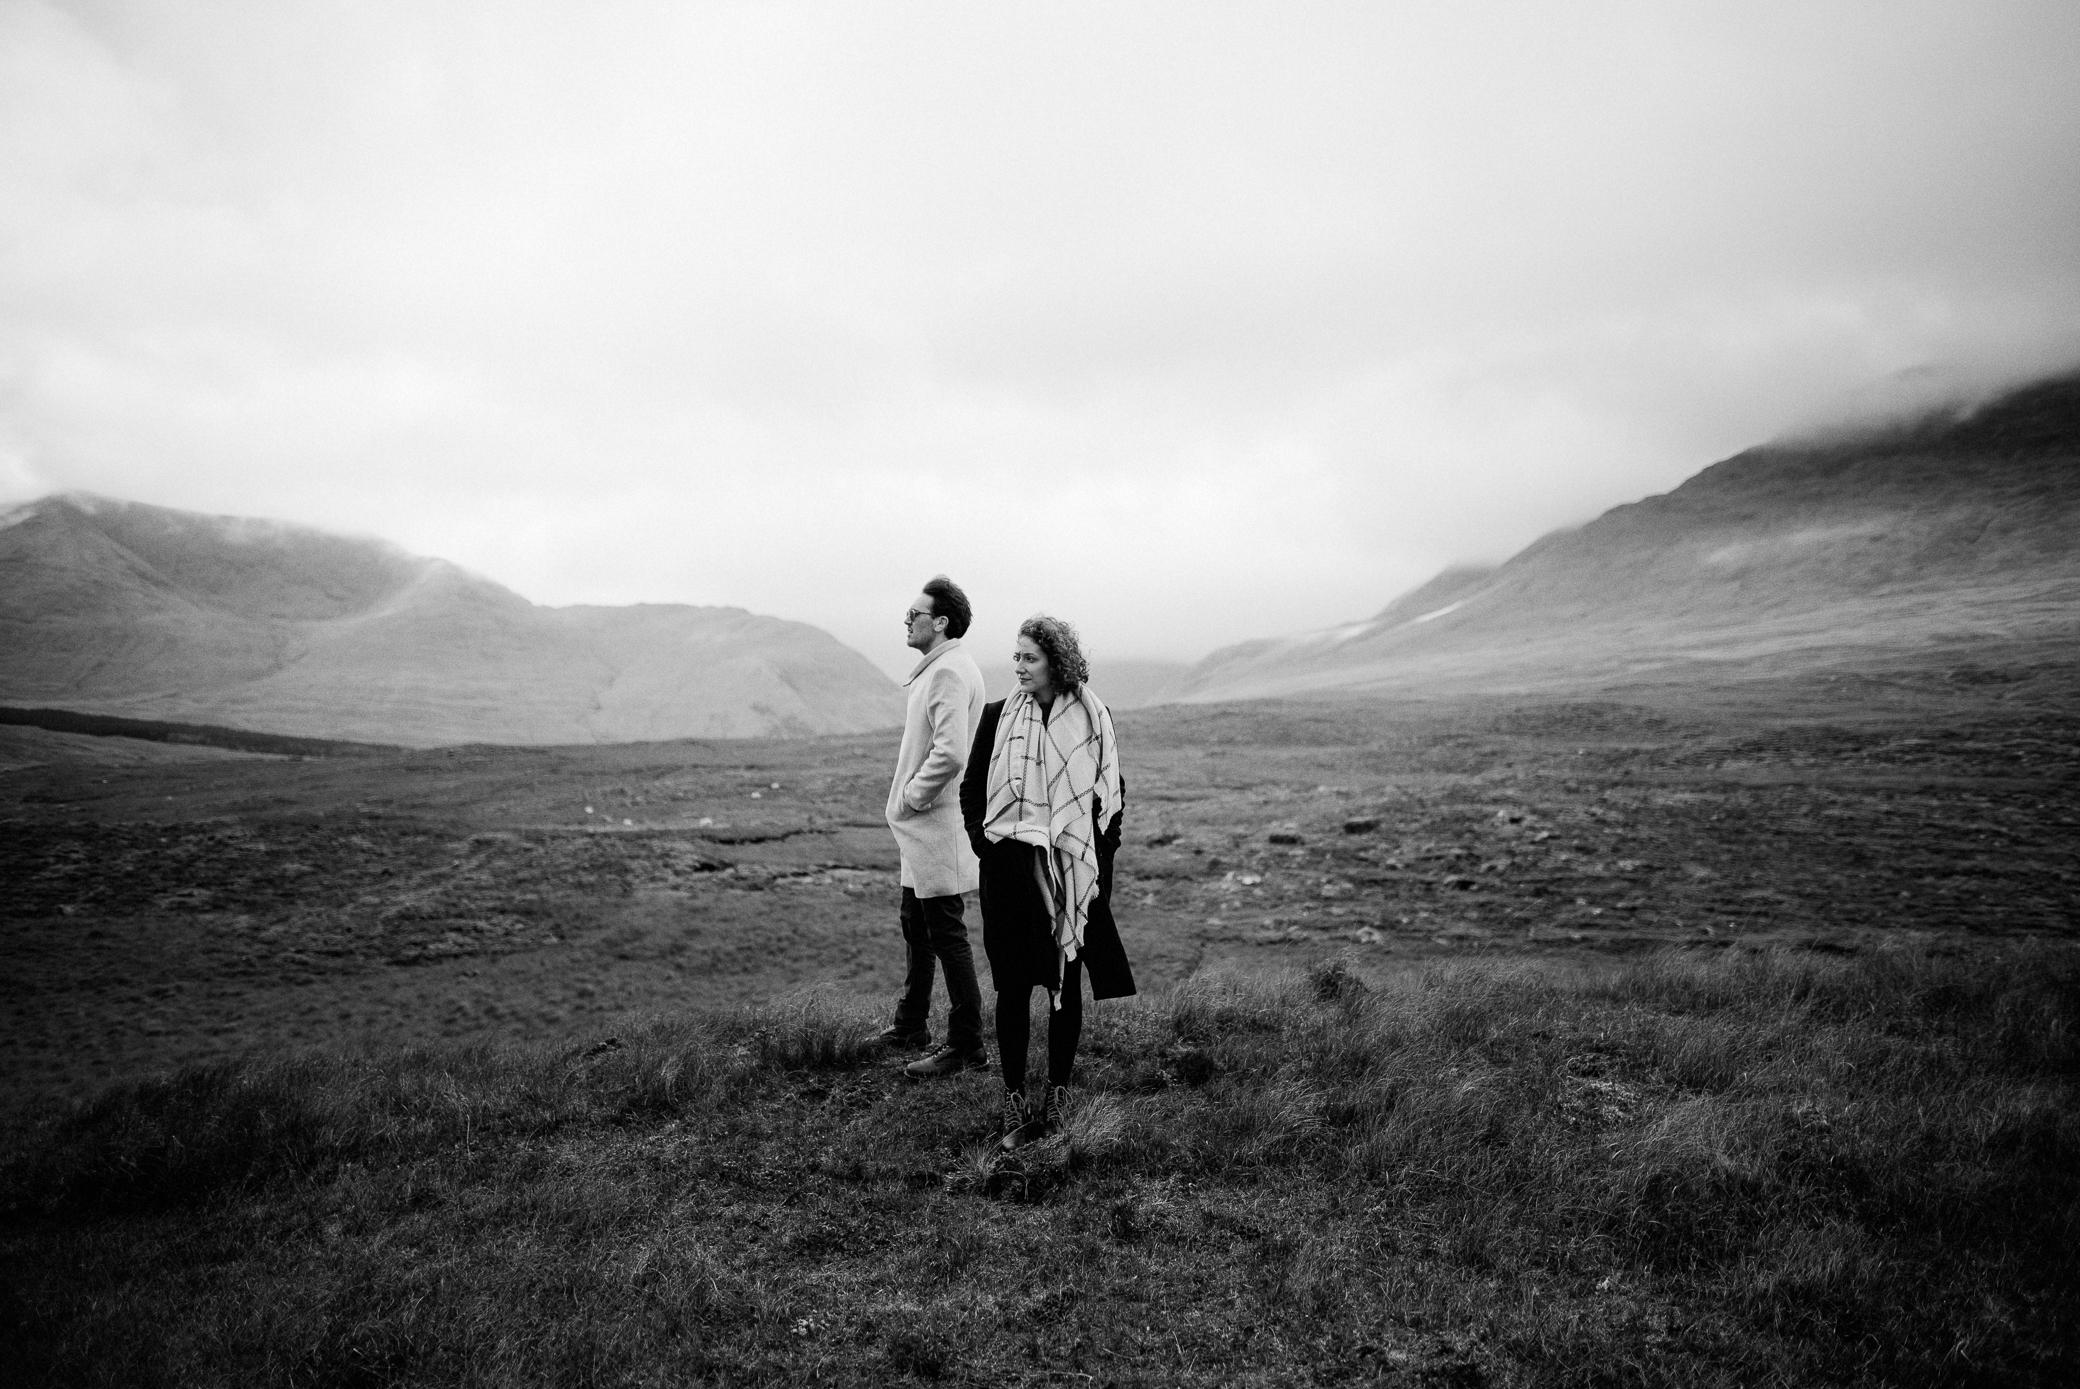 Meiry&Nic_Elopetoireland-107.jpg